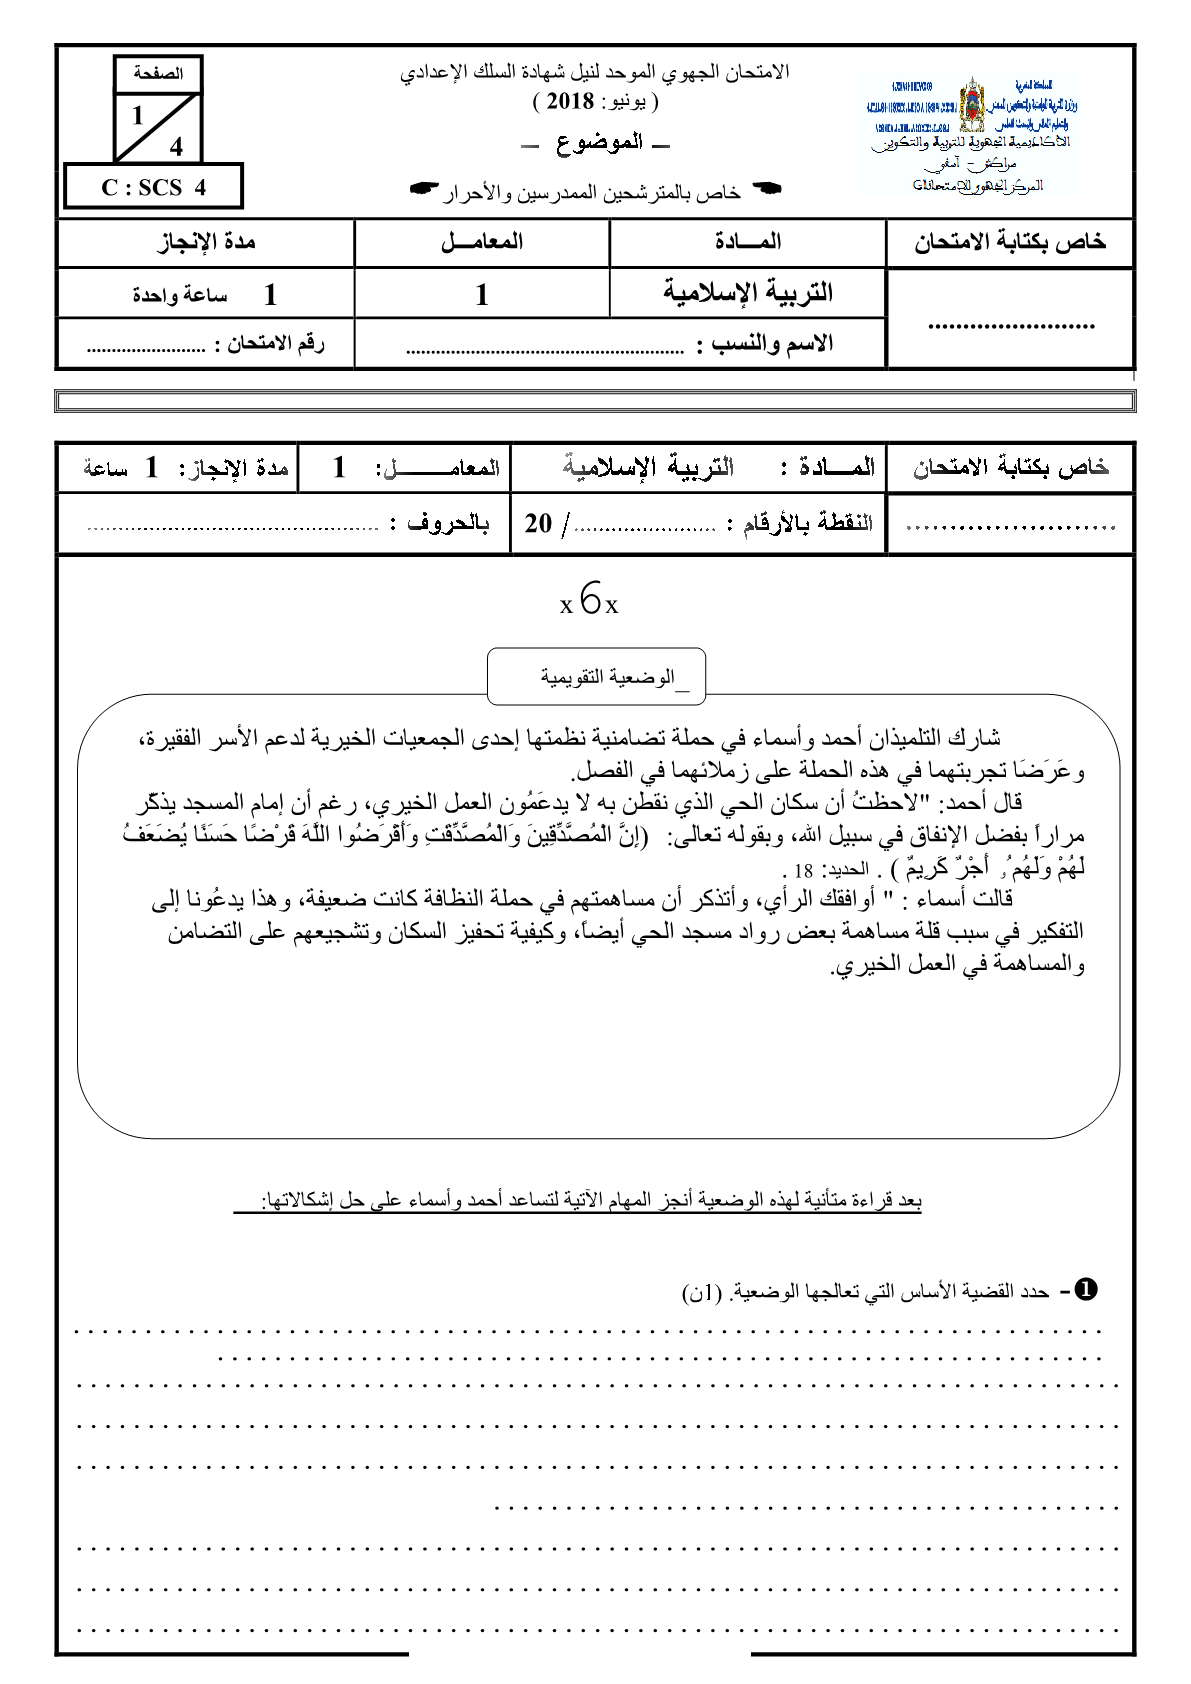 الامتحان الجهوي في التربية الإسلامية جهة مراكش آسفي 2018 مع التصحيح